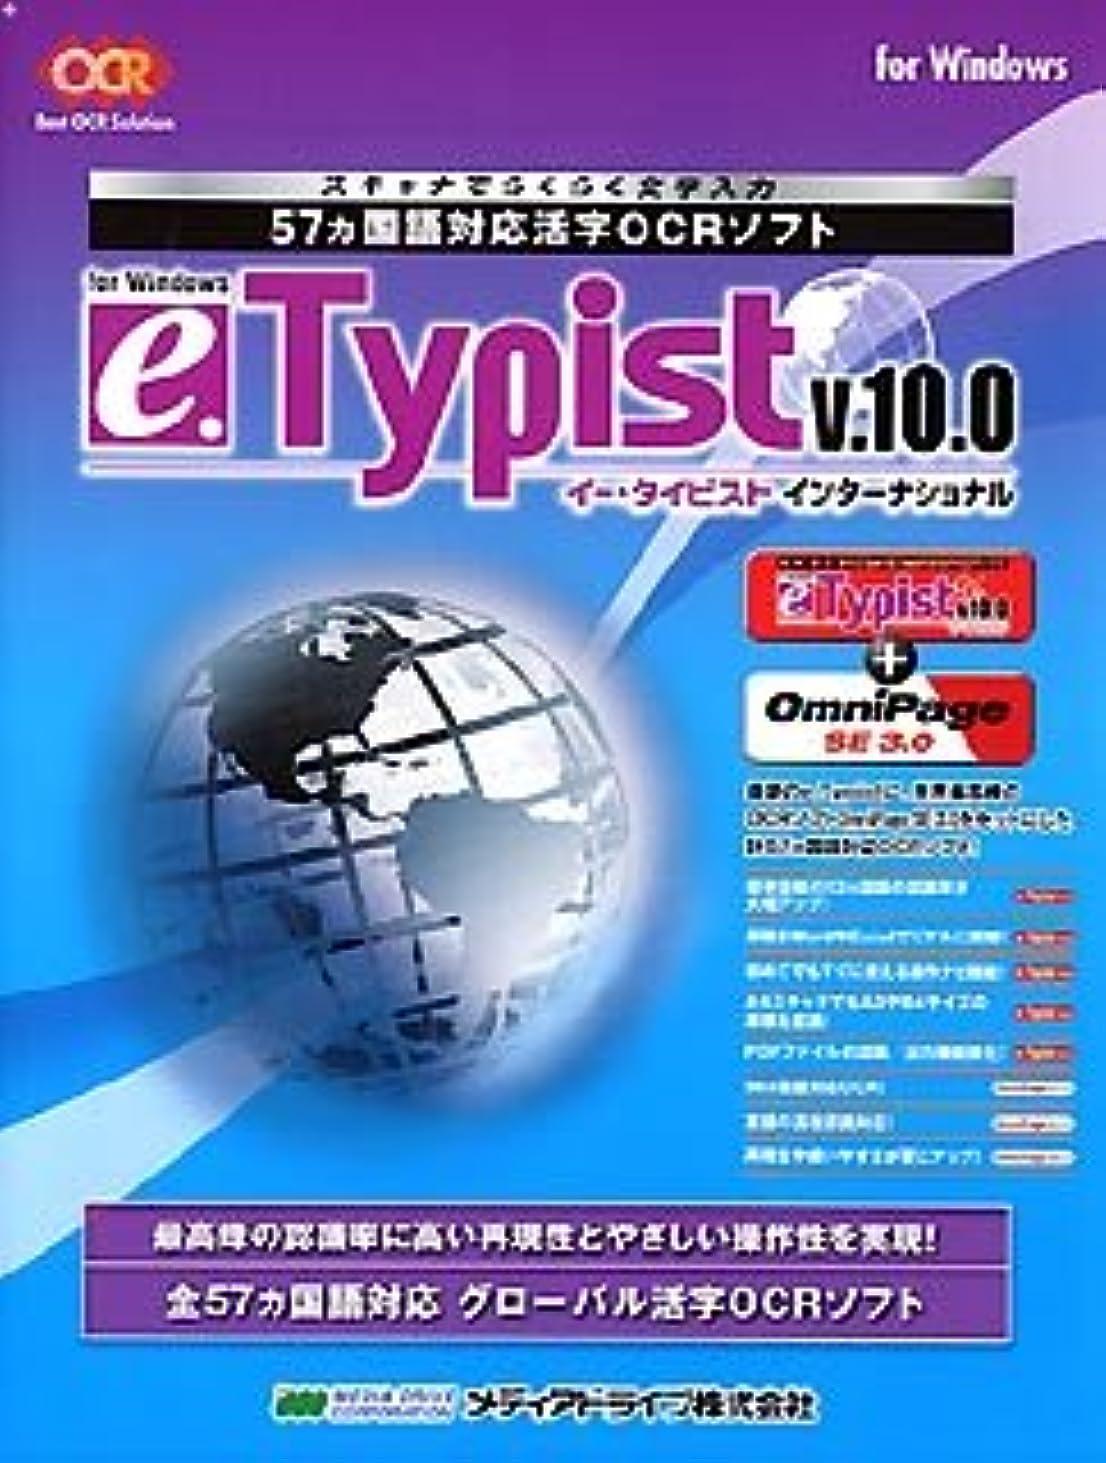 コミュニティ煙エッセイe.Typist v.10.0 インターナショナル